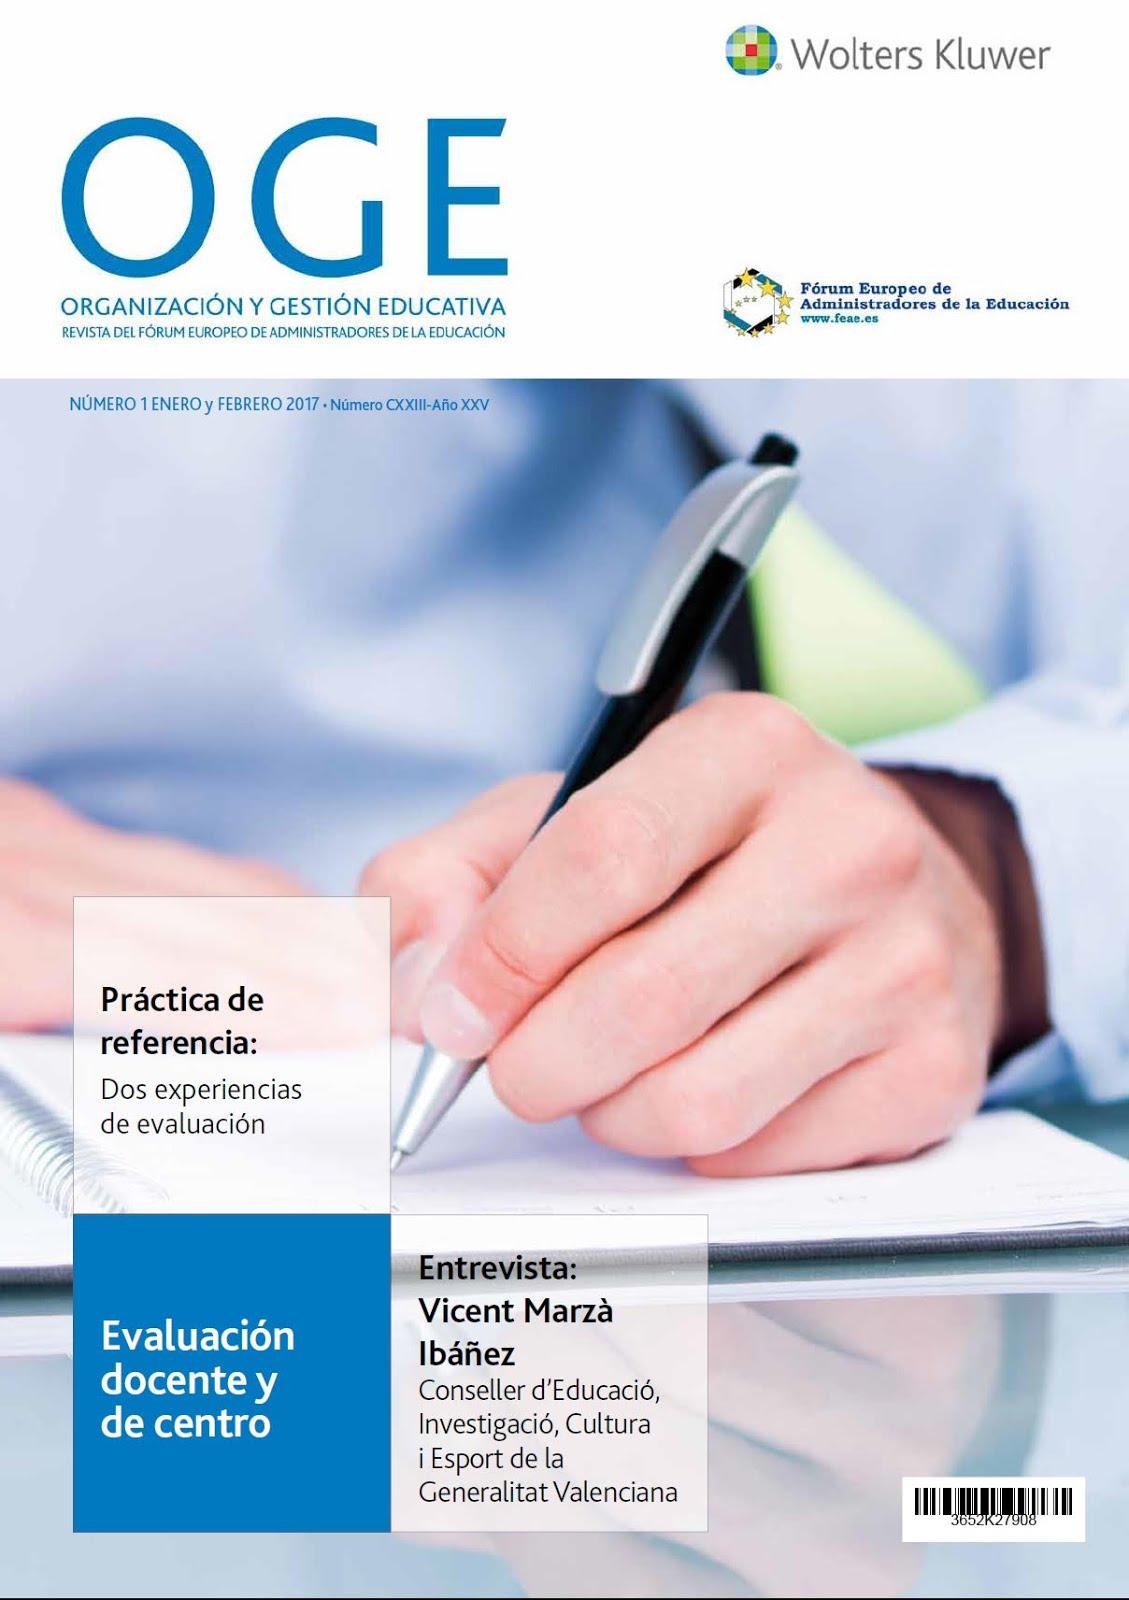 REVISTA OGE, Organización y Gestión Educativa.